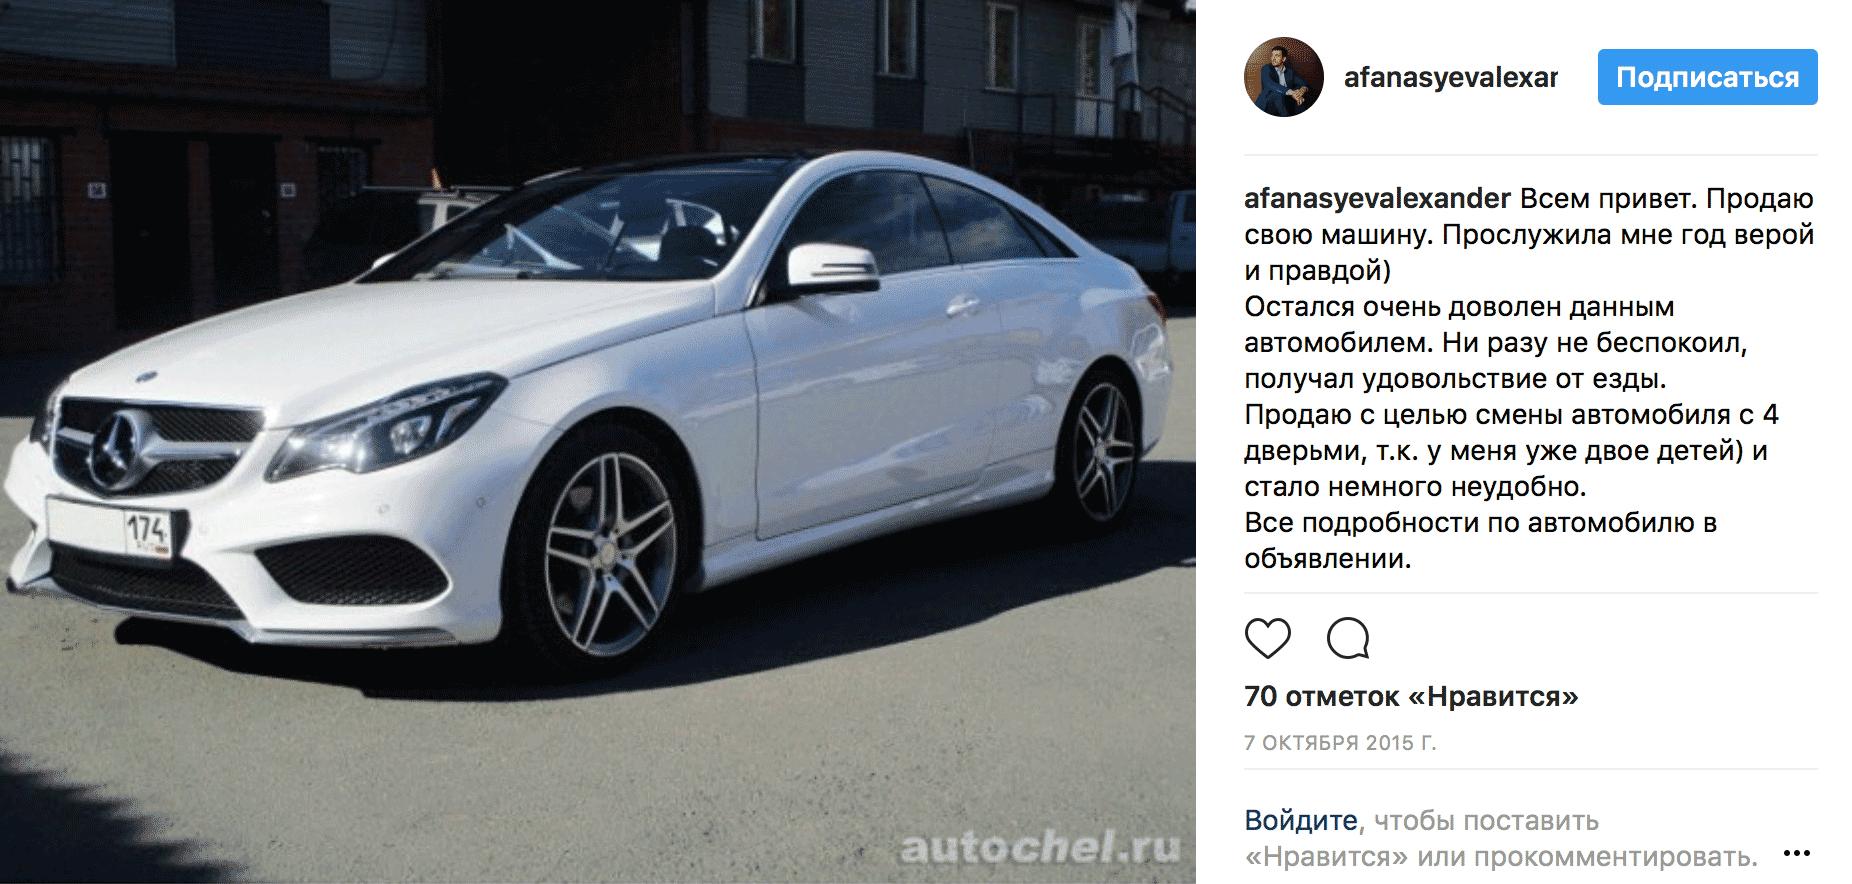 Как закрыть 6 блинных с долгом 1,5 млн рублей